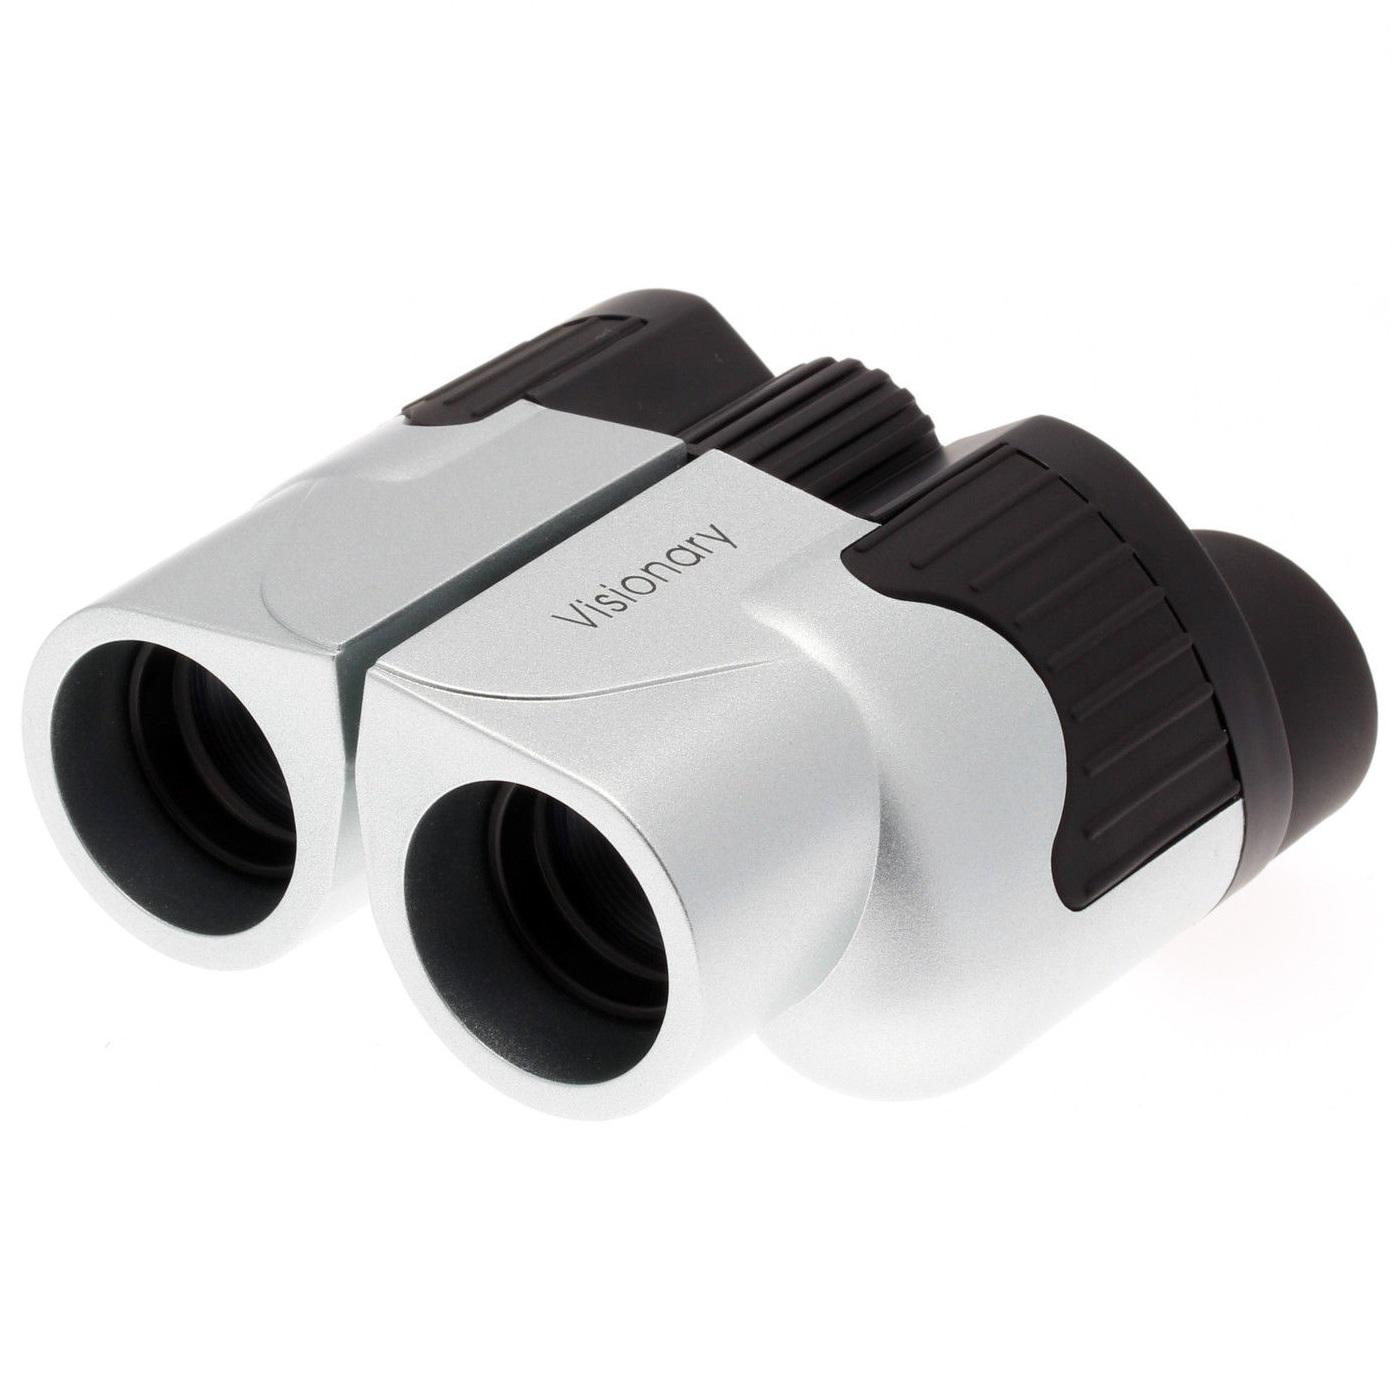 دوربین دوچشمی ویزونری مدل 10X25